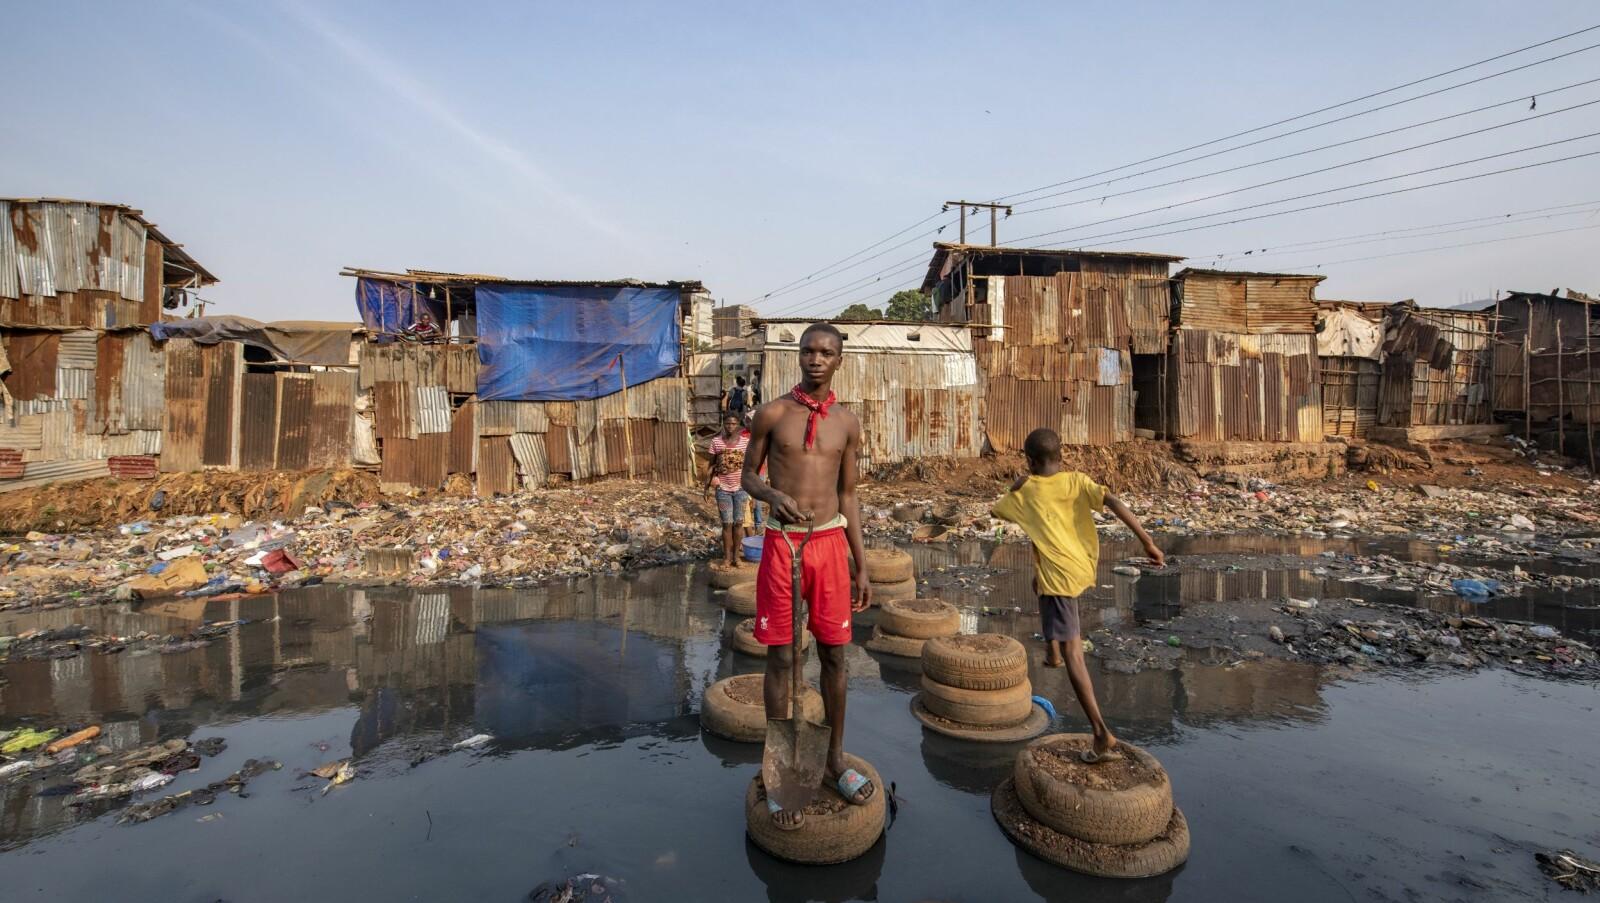 <b>BOMPENGER:</b> – Du må betale litt for å passere! Abdul laget en improvisert overgang. Broen som stod herer falt sammen. Inne i Kro Bay slummen, Freetown.